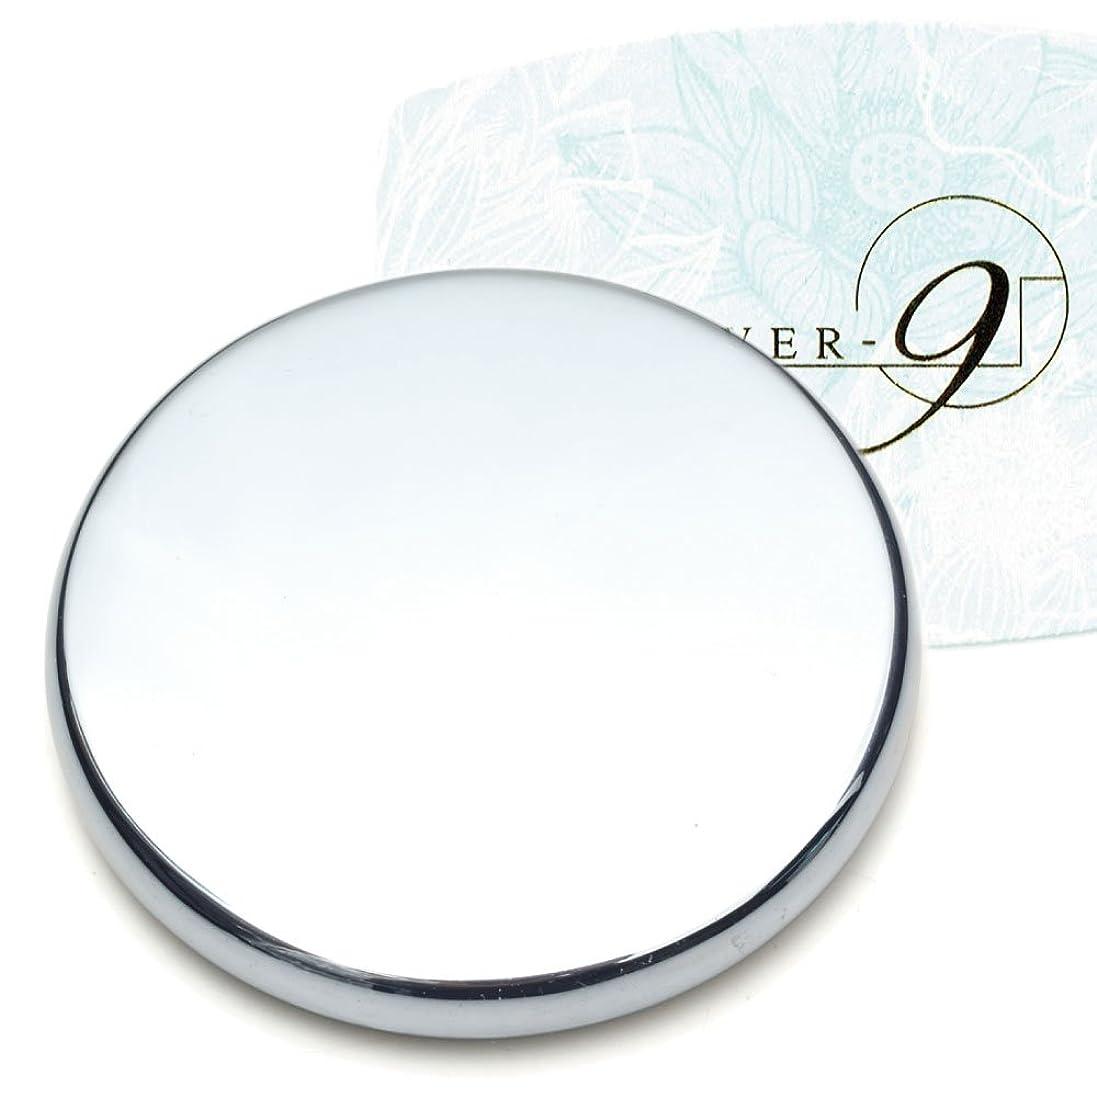 [OVER-9?] テラヘルツ鉱石 エステ用 丸型 円盤 プレート 公的機関にて検査済み!パワーストーン 天然石 健康 美容 美顔 かっさ グッズ お風呂